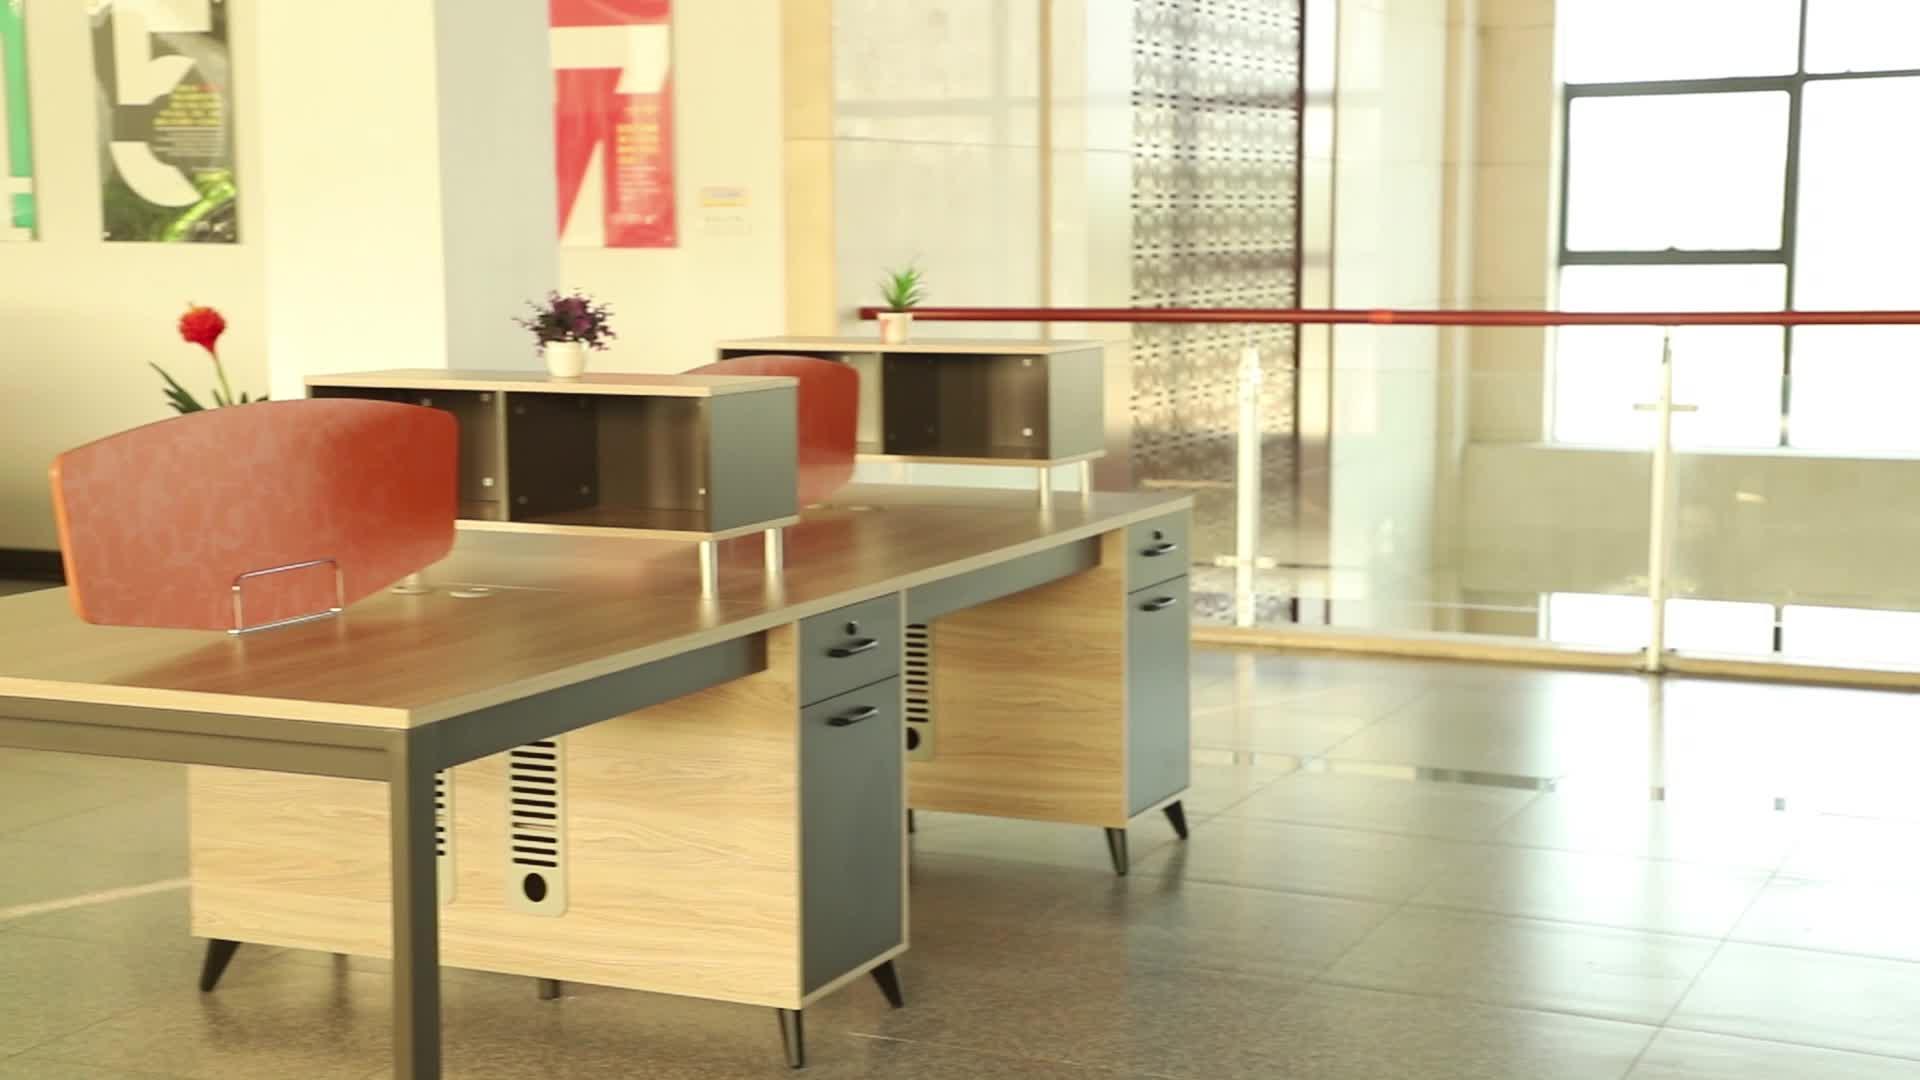 工場 Gcon ラミネートワークステーションオフィス 2 人デスクオーガナイザー